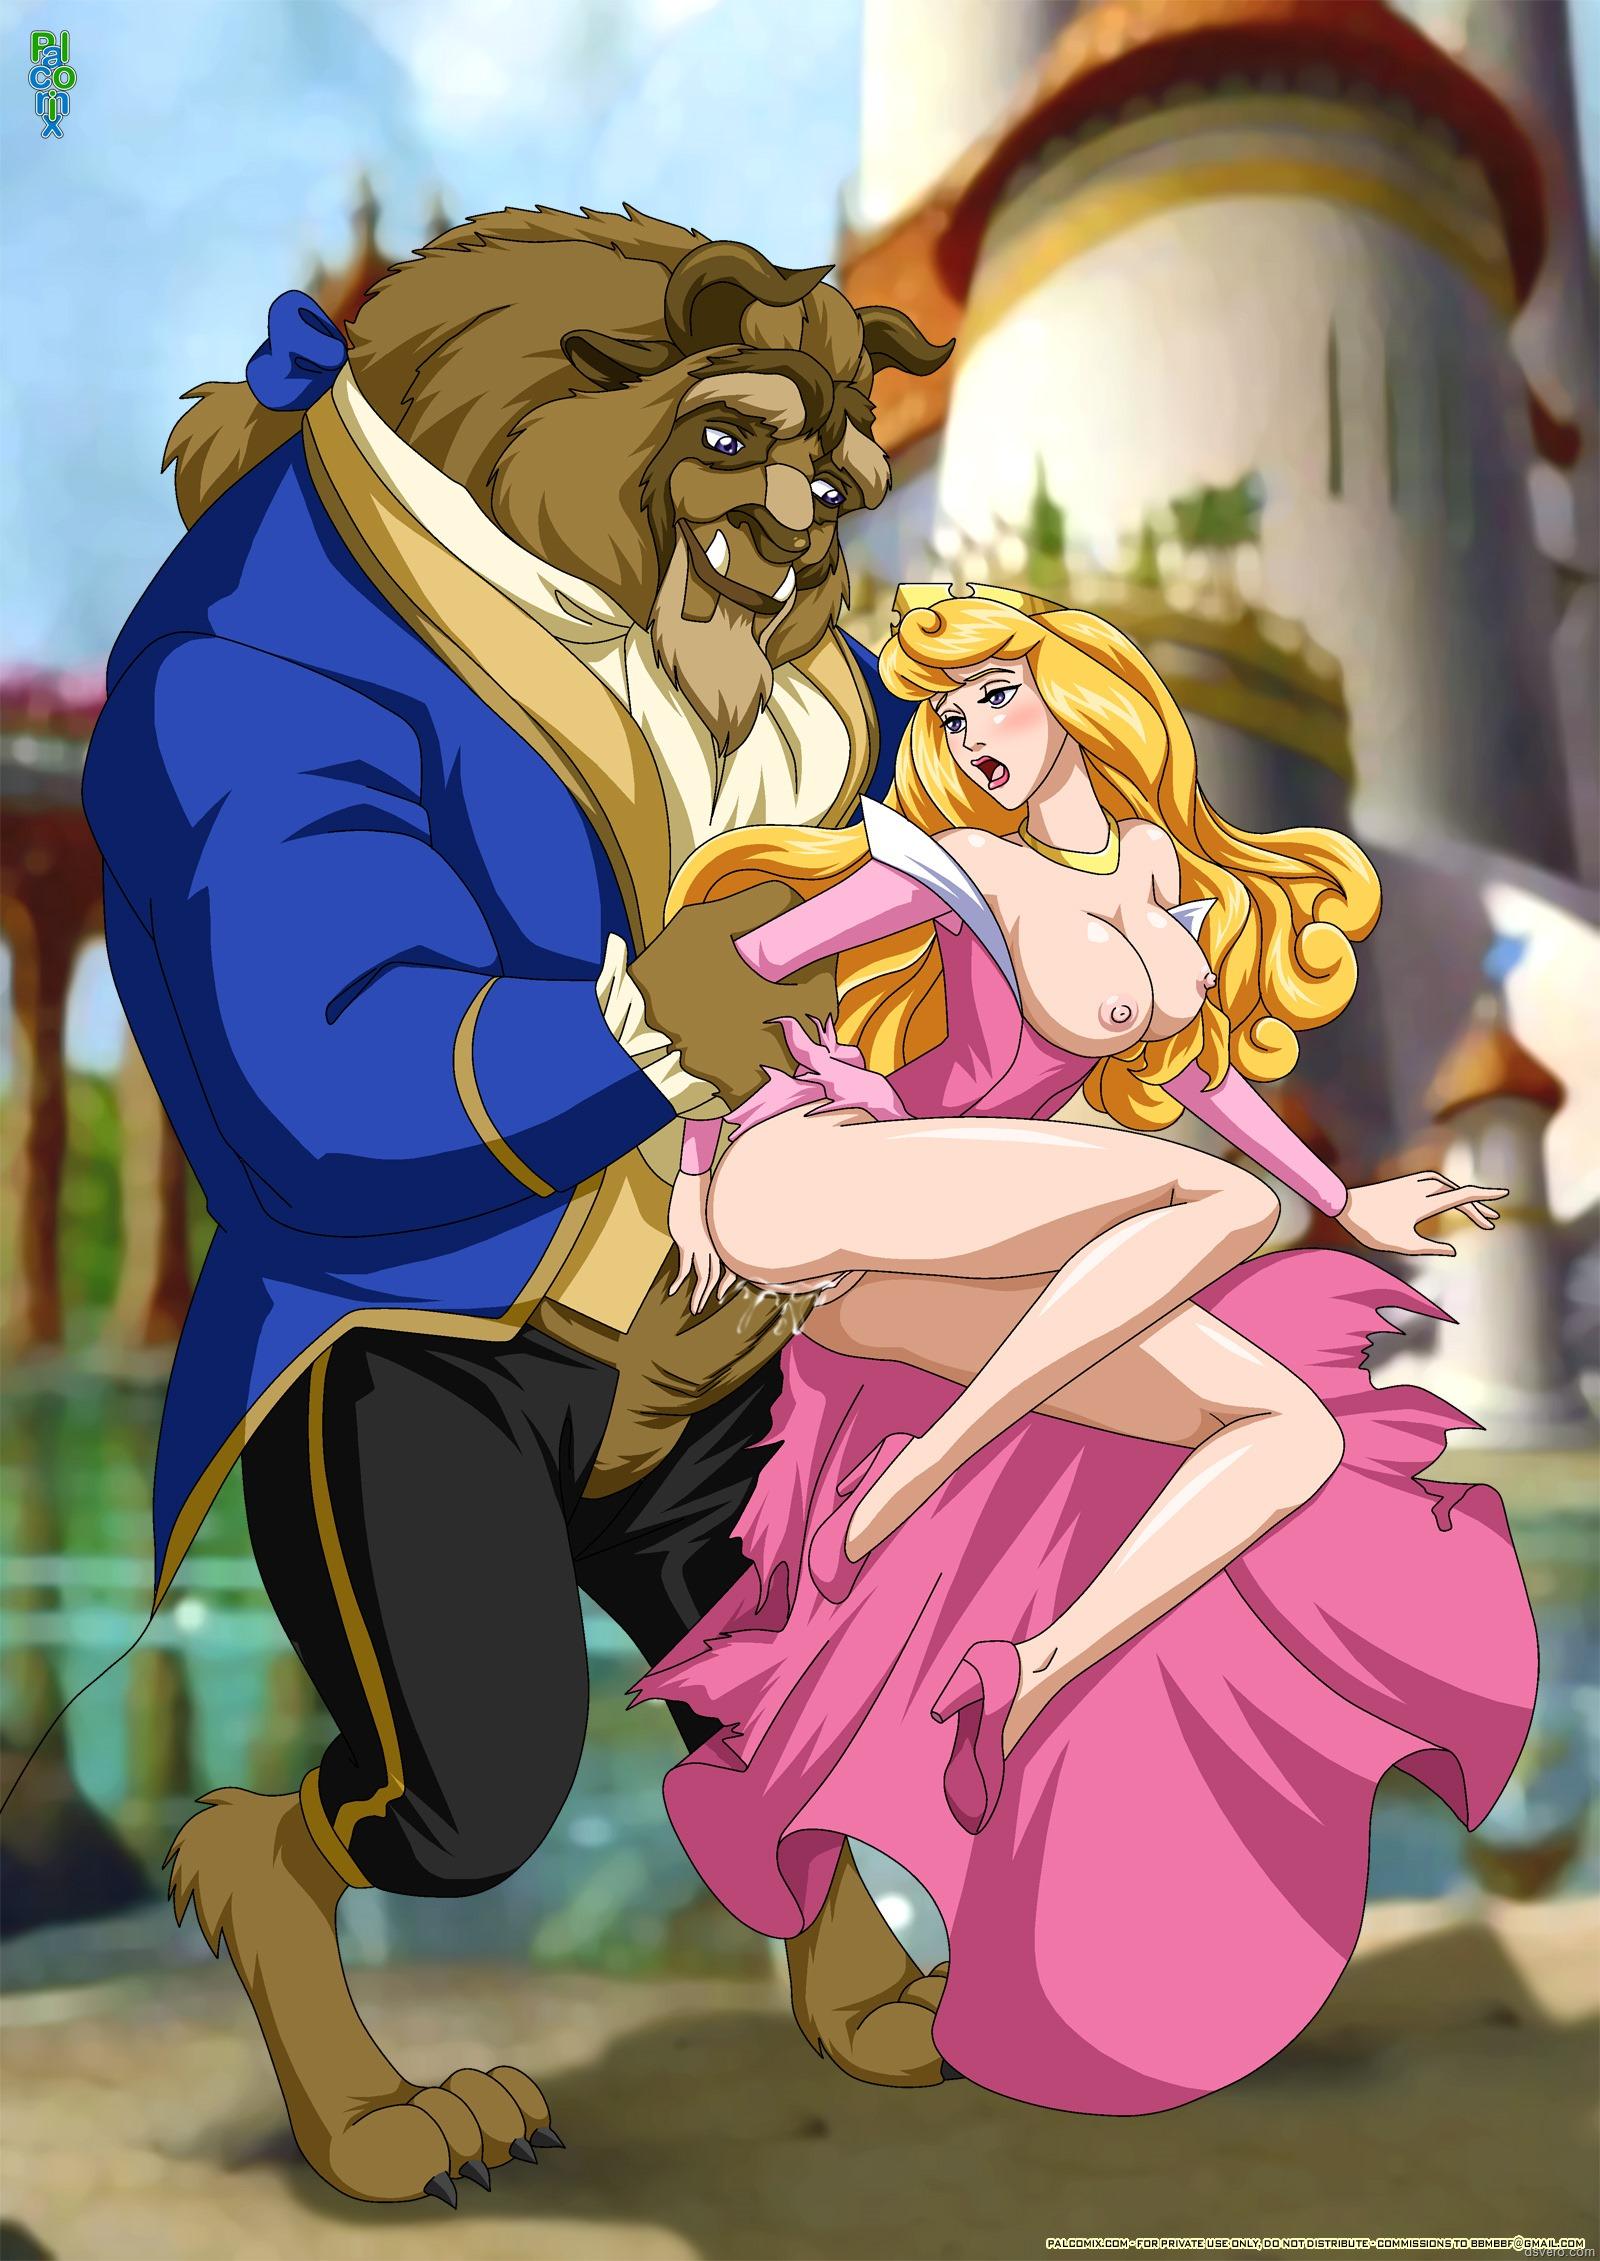 просмотр эротических мультфильмов онлайн бесплатно